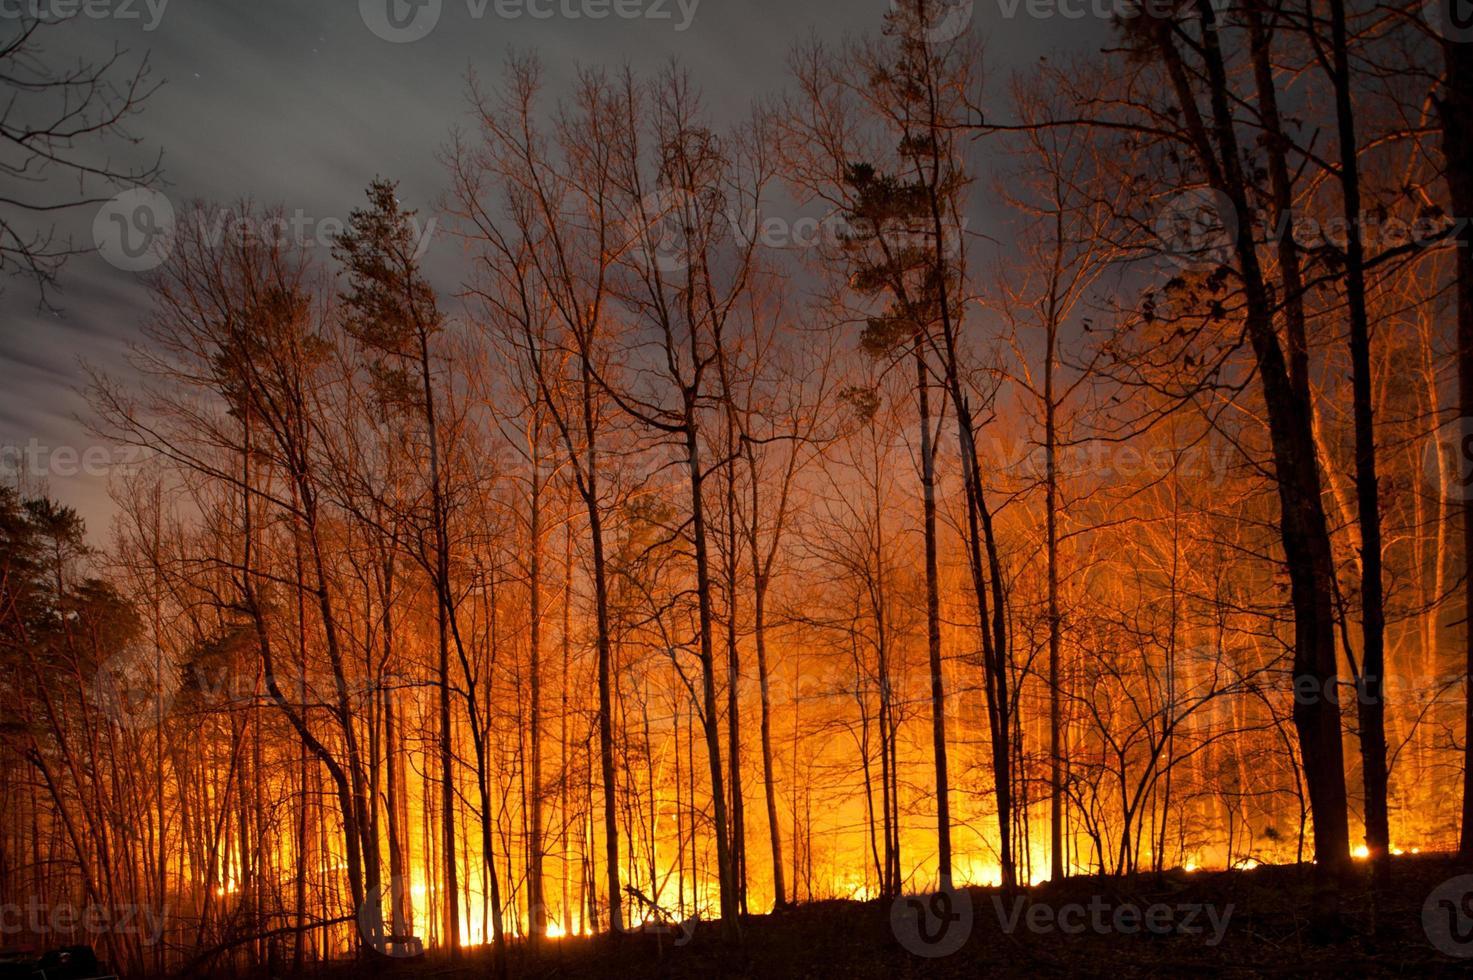 incendio boschivo che brucia di notte foto